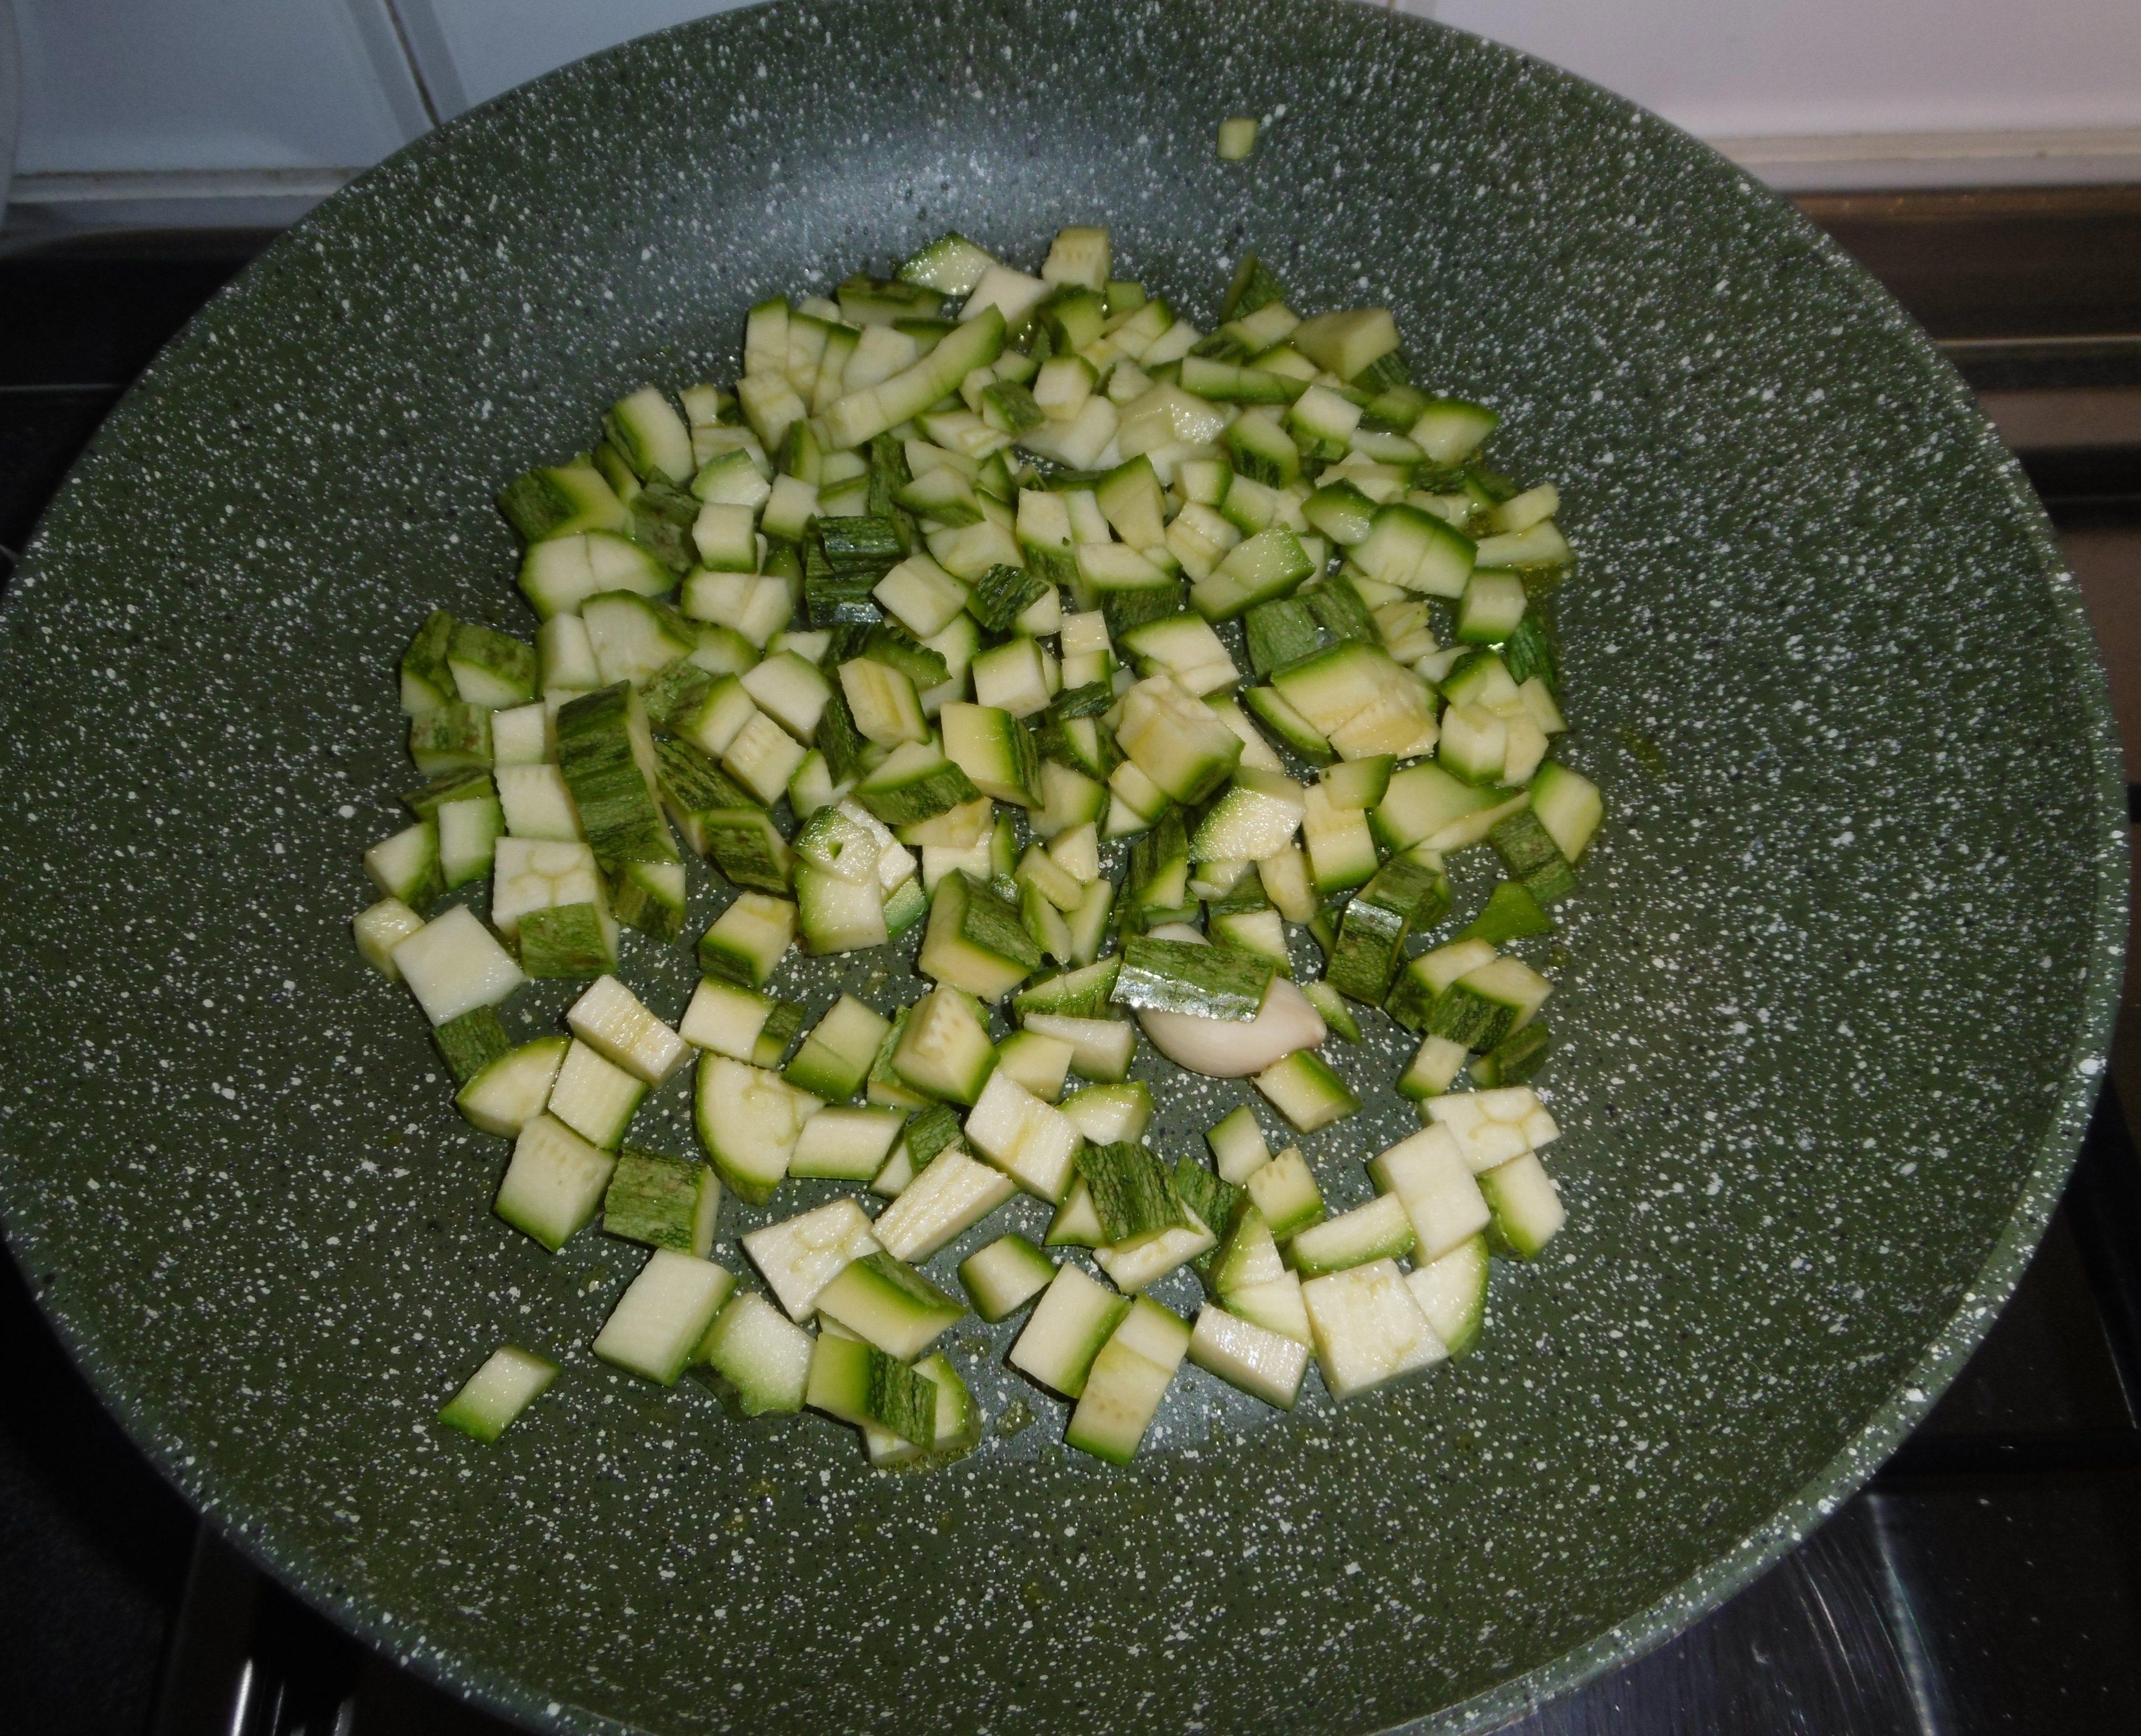 Cestini di pasta sfoglia con zucchine e mozzarella - Zucchine in padella